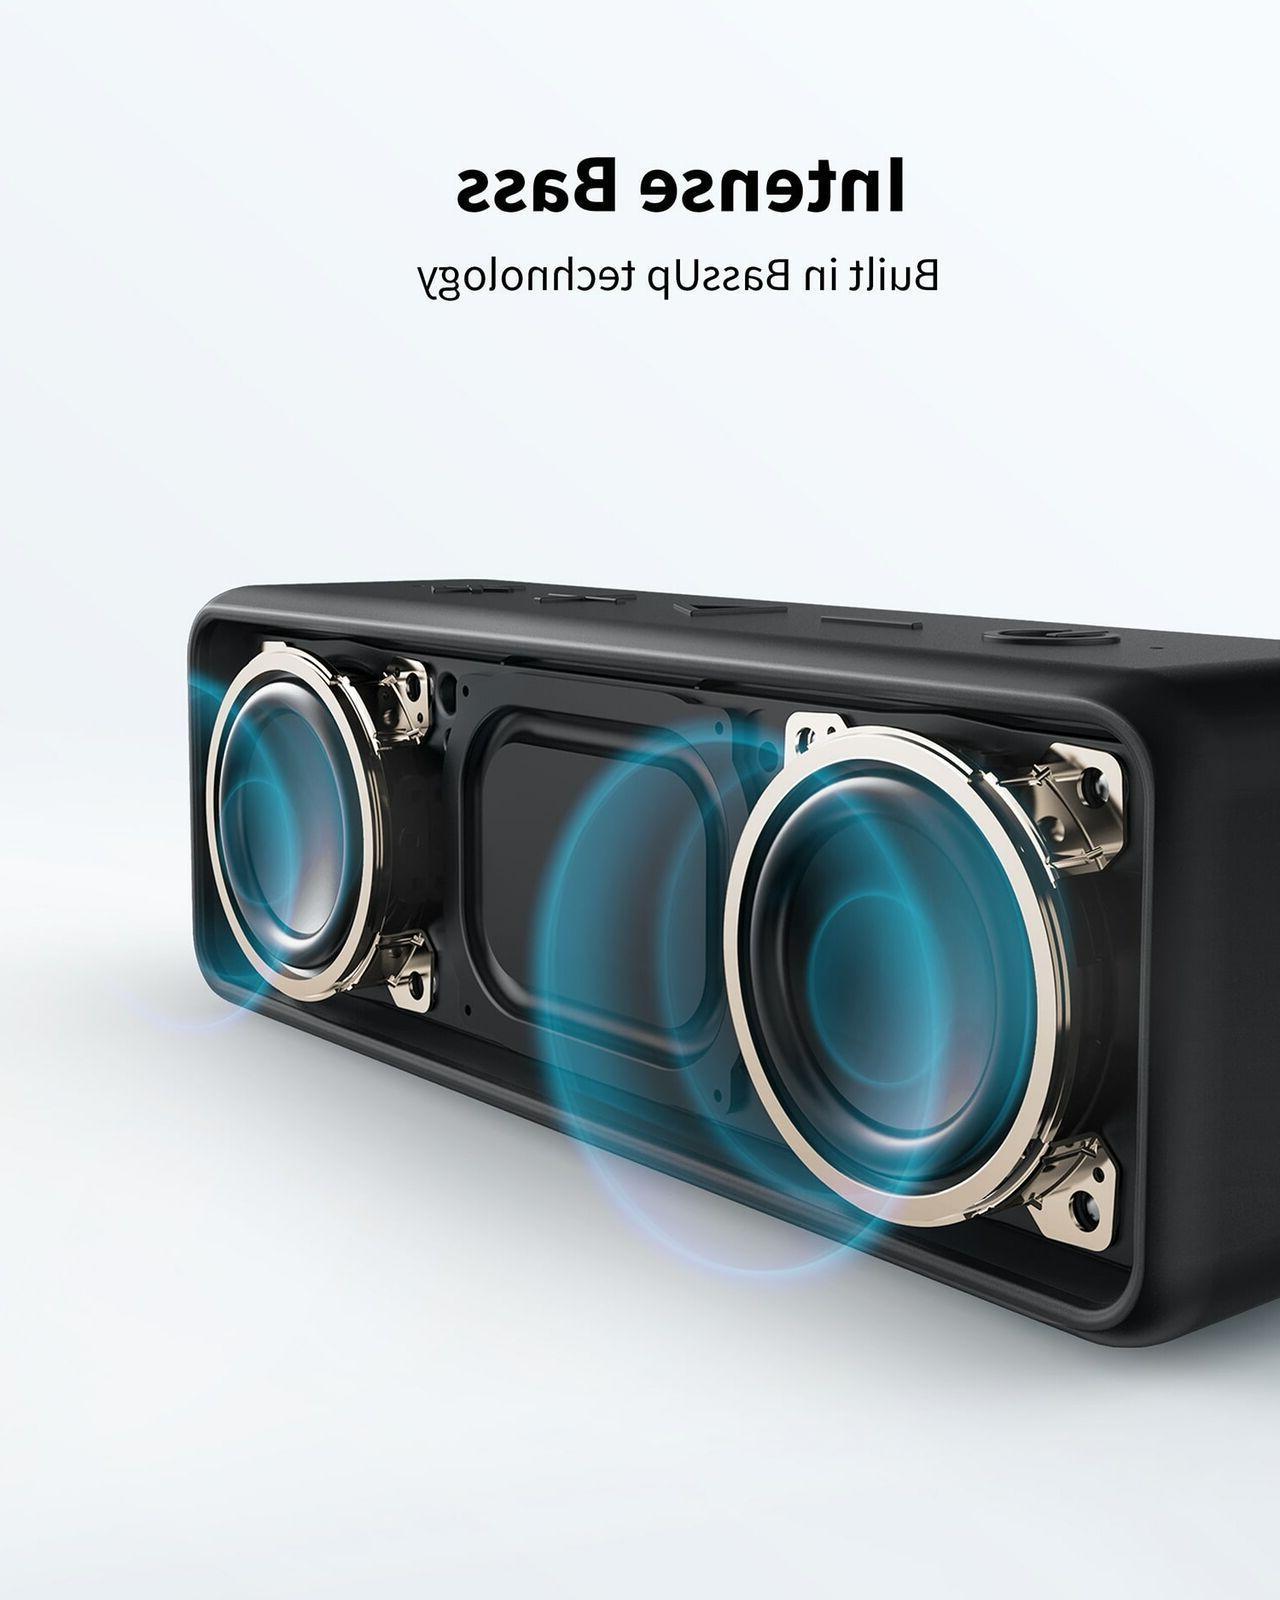 Anker 2 Speaker 12W Bassup Wireless Stereo